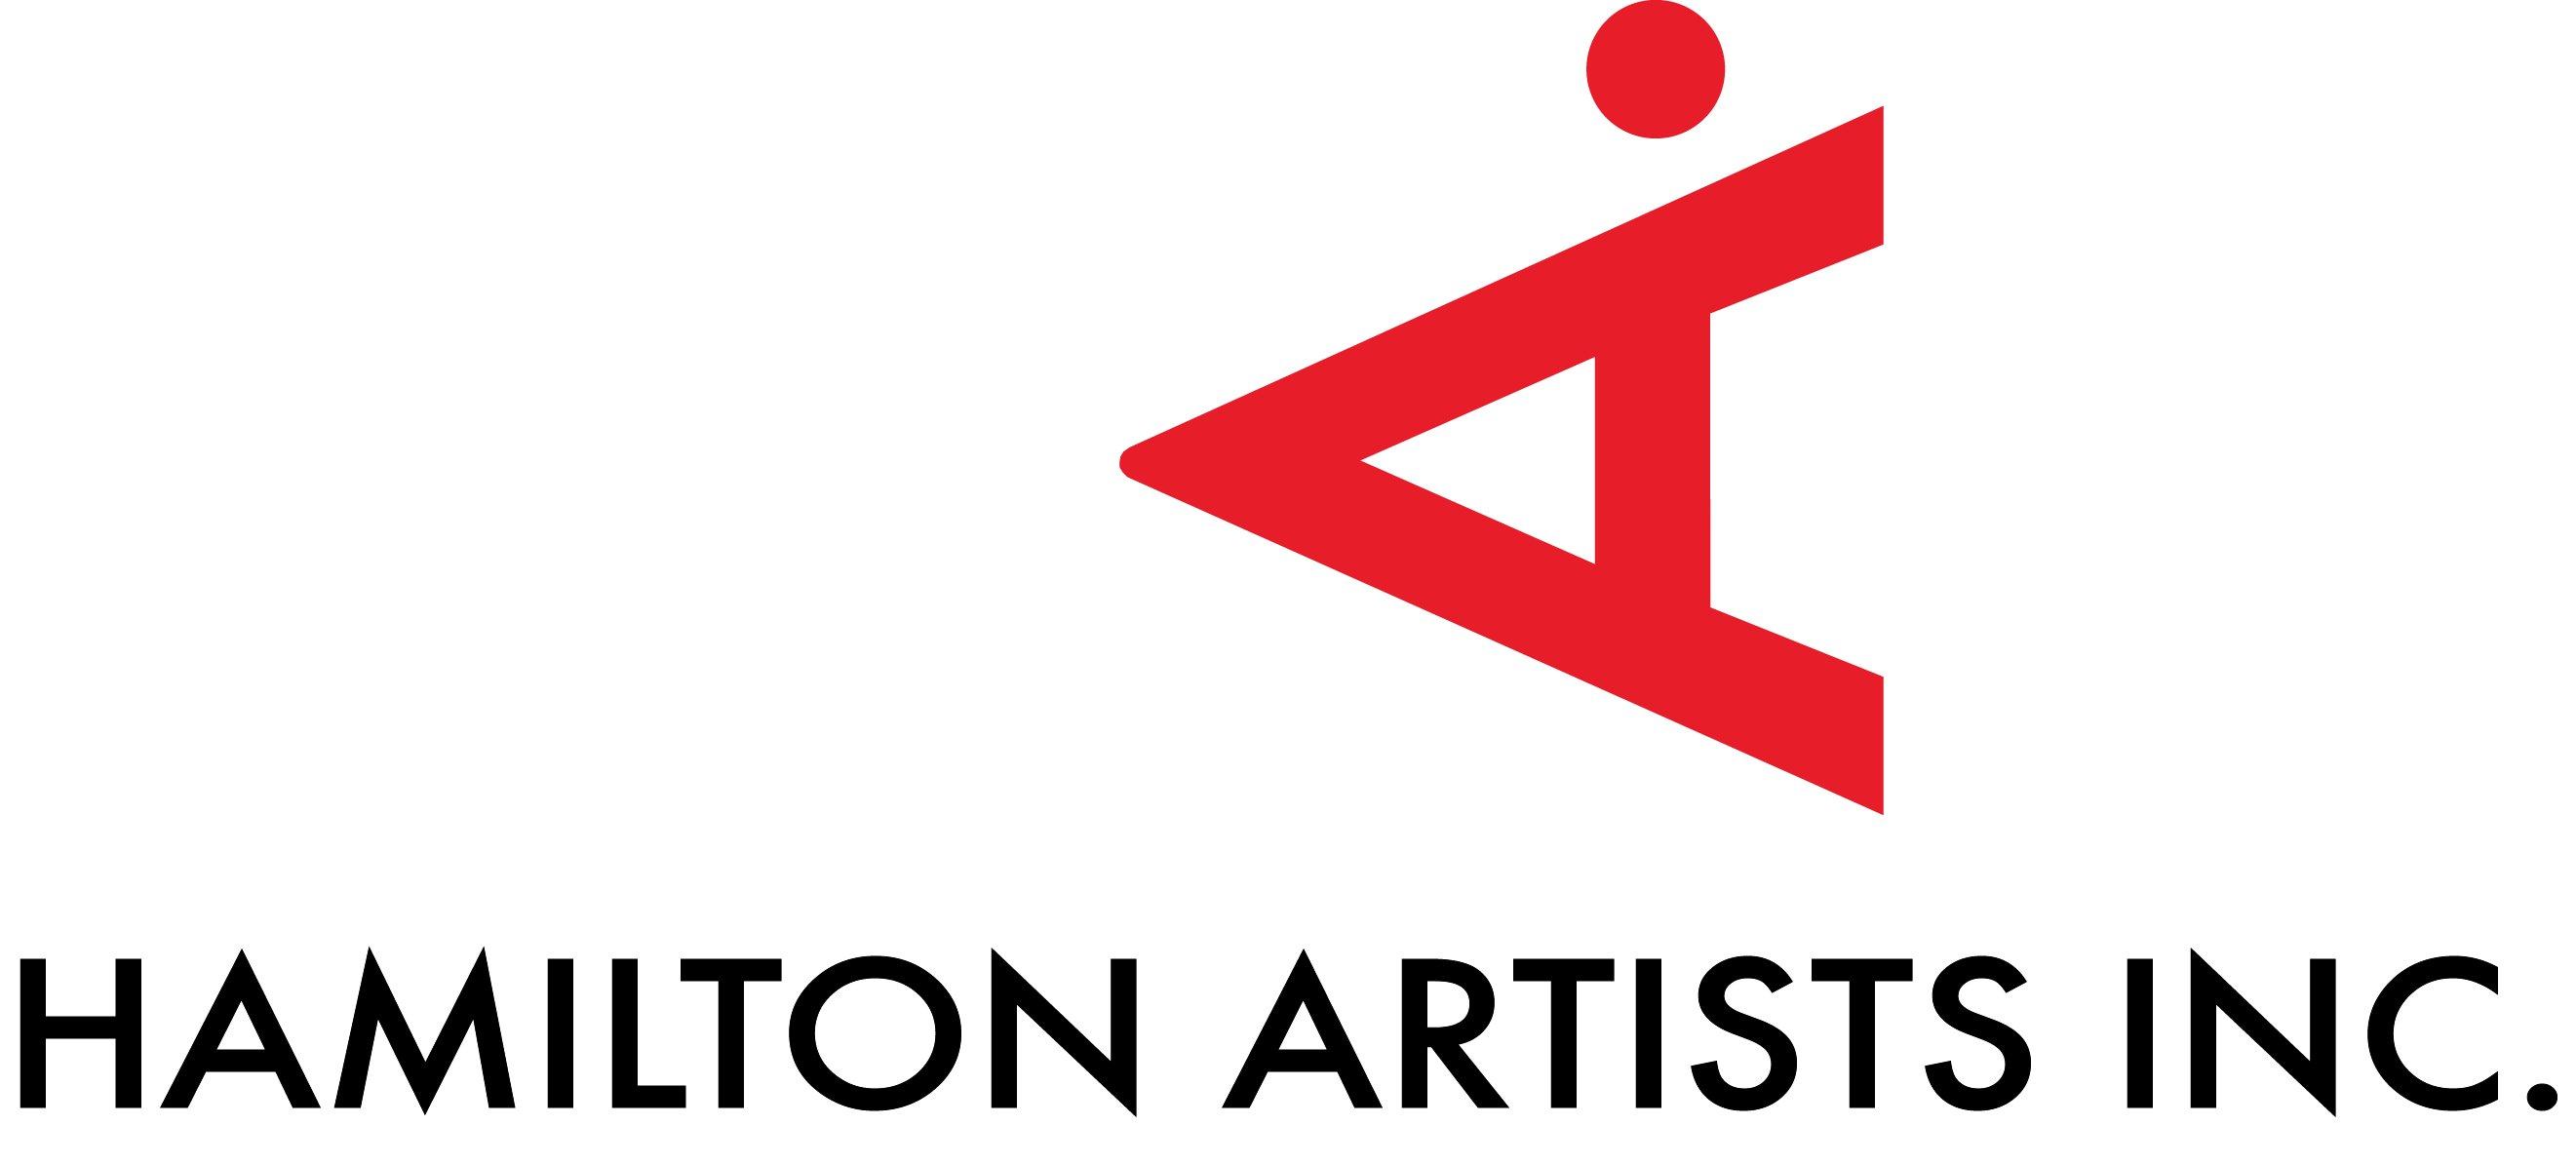 artistsinc_logowtext_vector